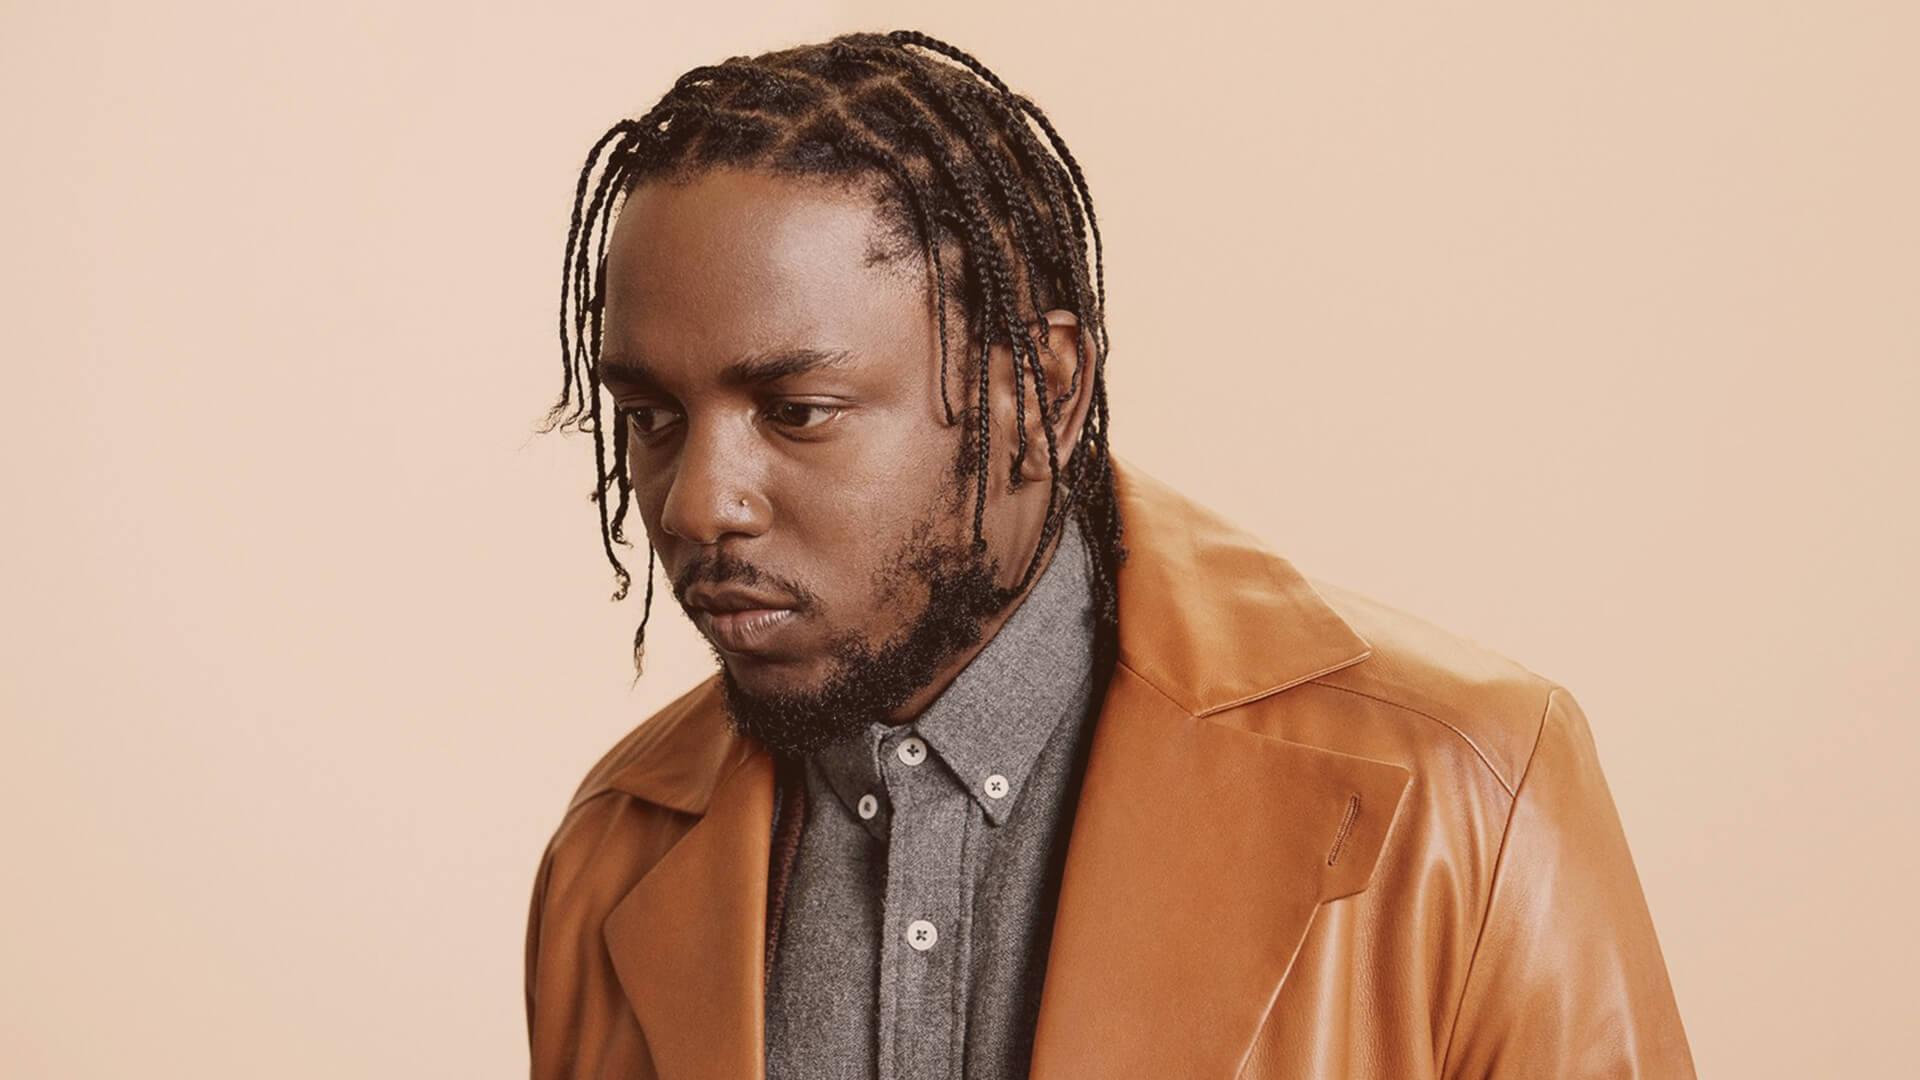 Les 5 sons qu 39 il ne fallait pas rater cette semaine views - Kendrick lamar swimming pools explicit ...